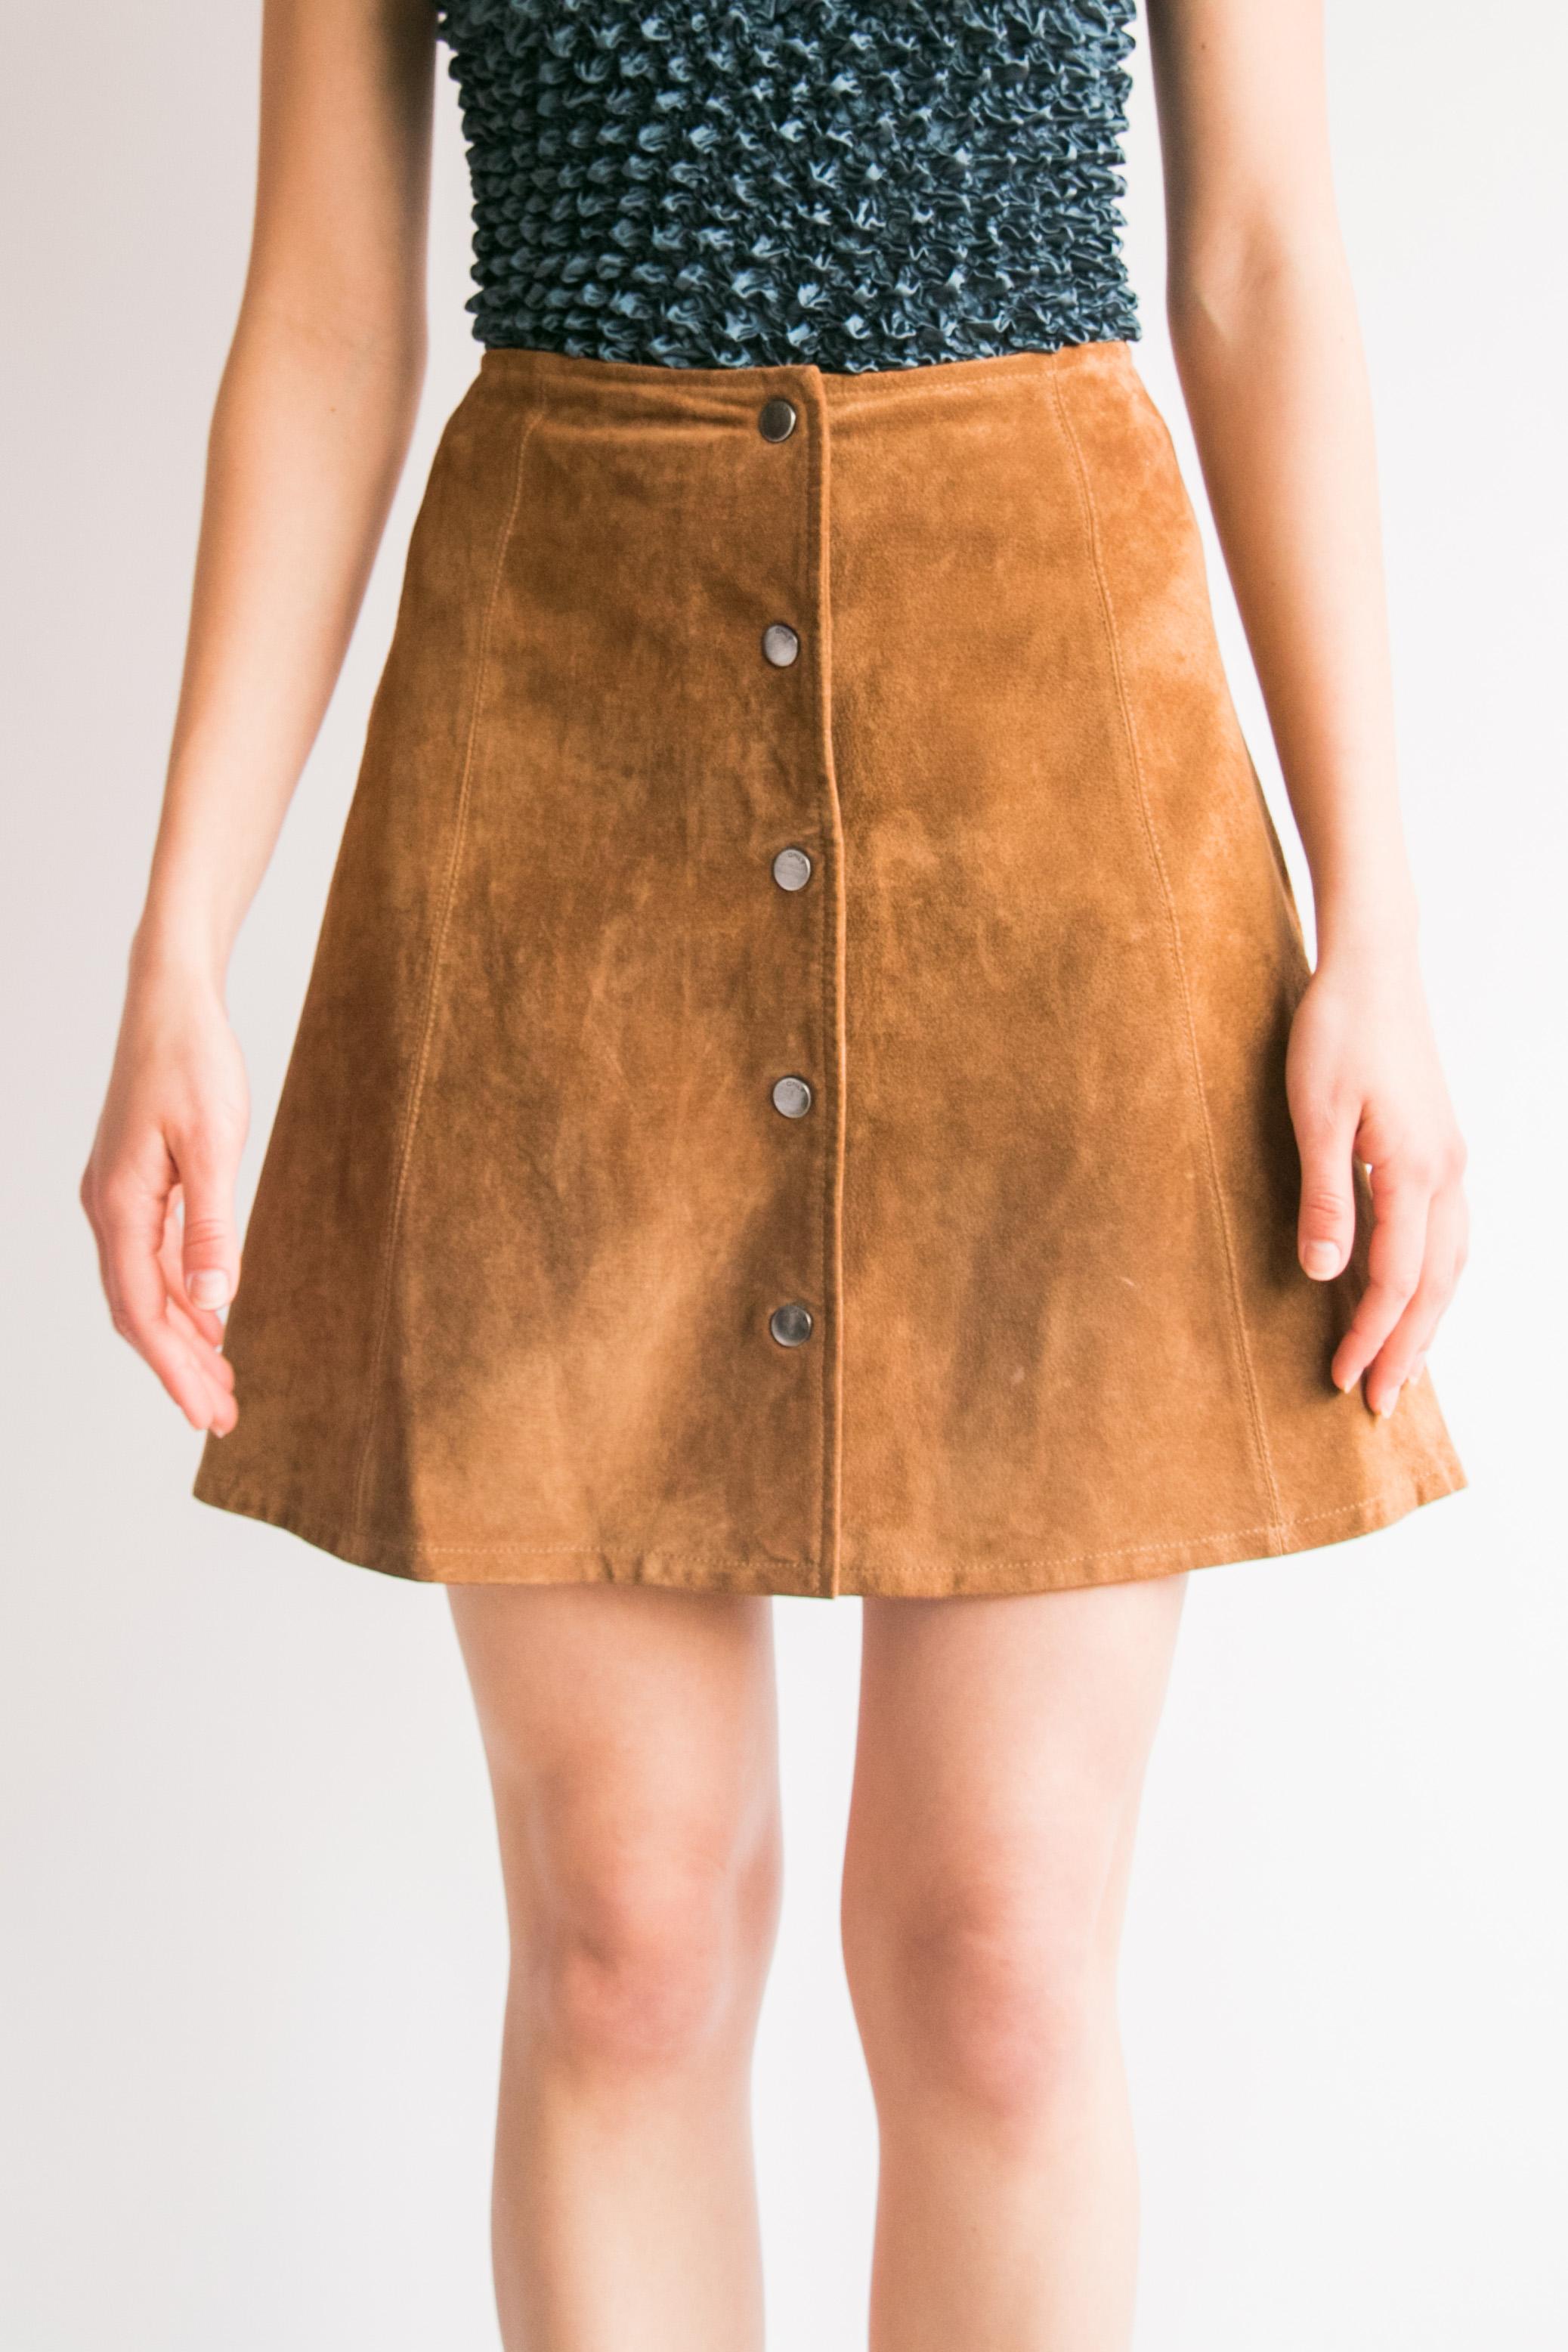 116d59b169 Vintage Cognac Suede Mini Skirt (M) — I Am That